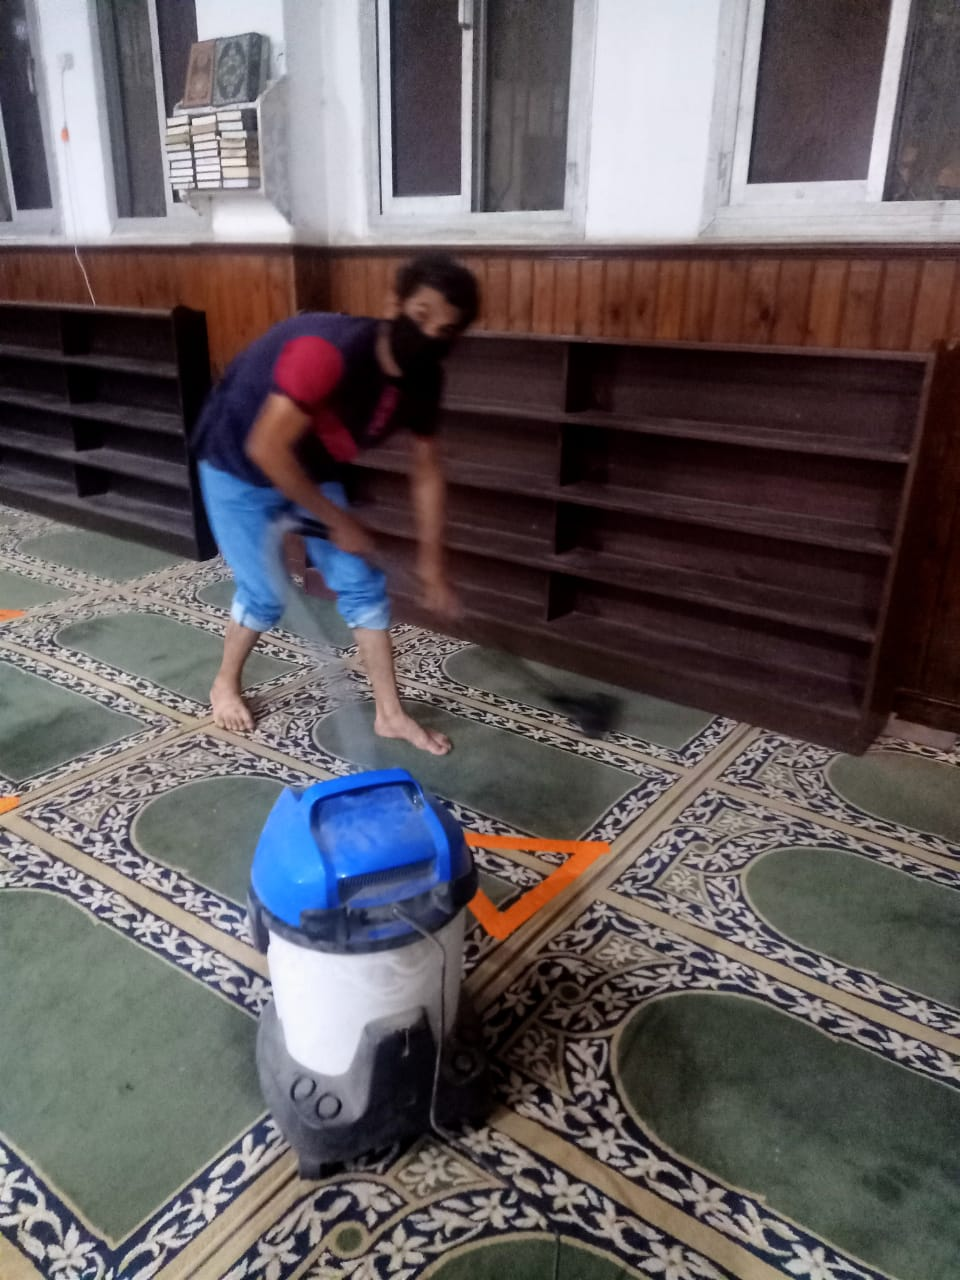 أوقاف الإسكندرية تواصل تعقيم وتطهير المساجد قبل صلاة الجمعة (3)